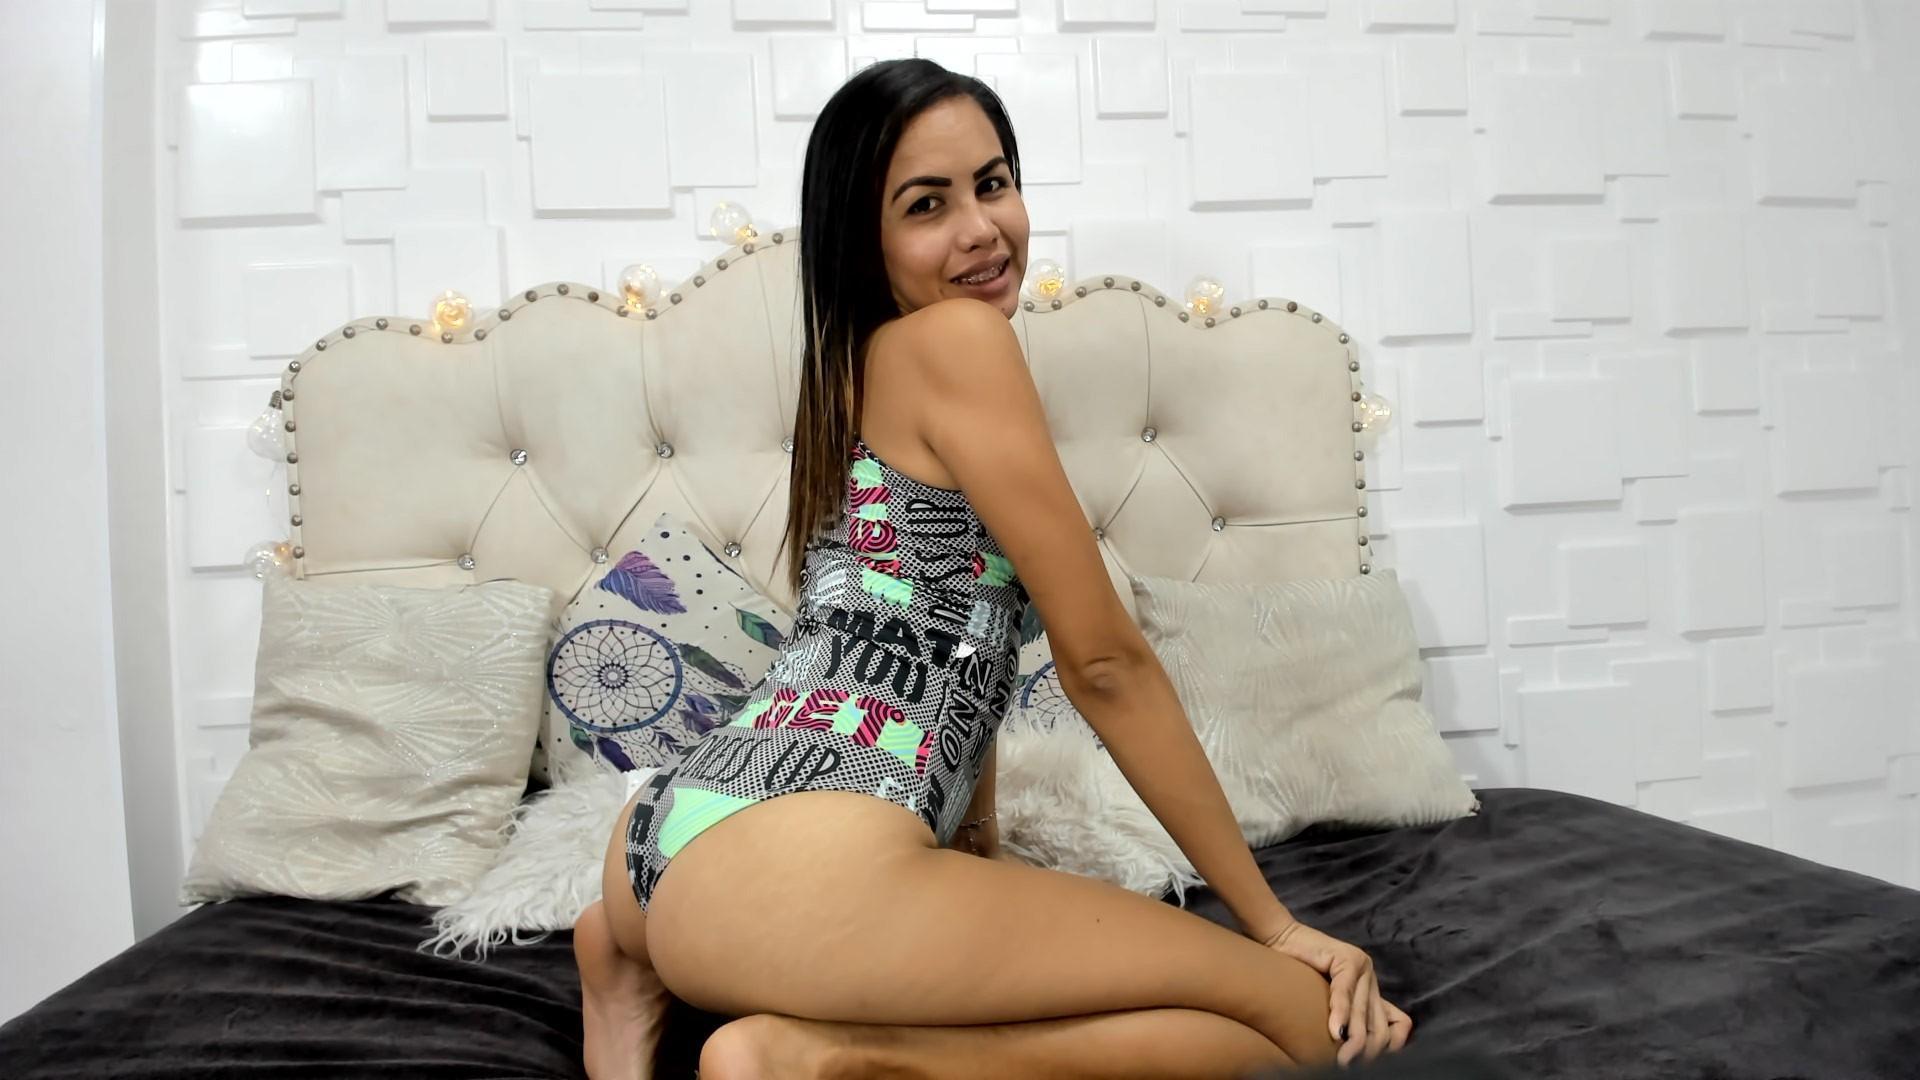 Nicole_Pretty live cam on Cam4.com